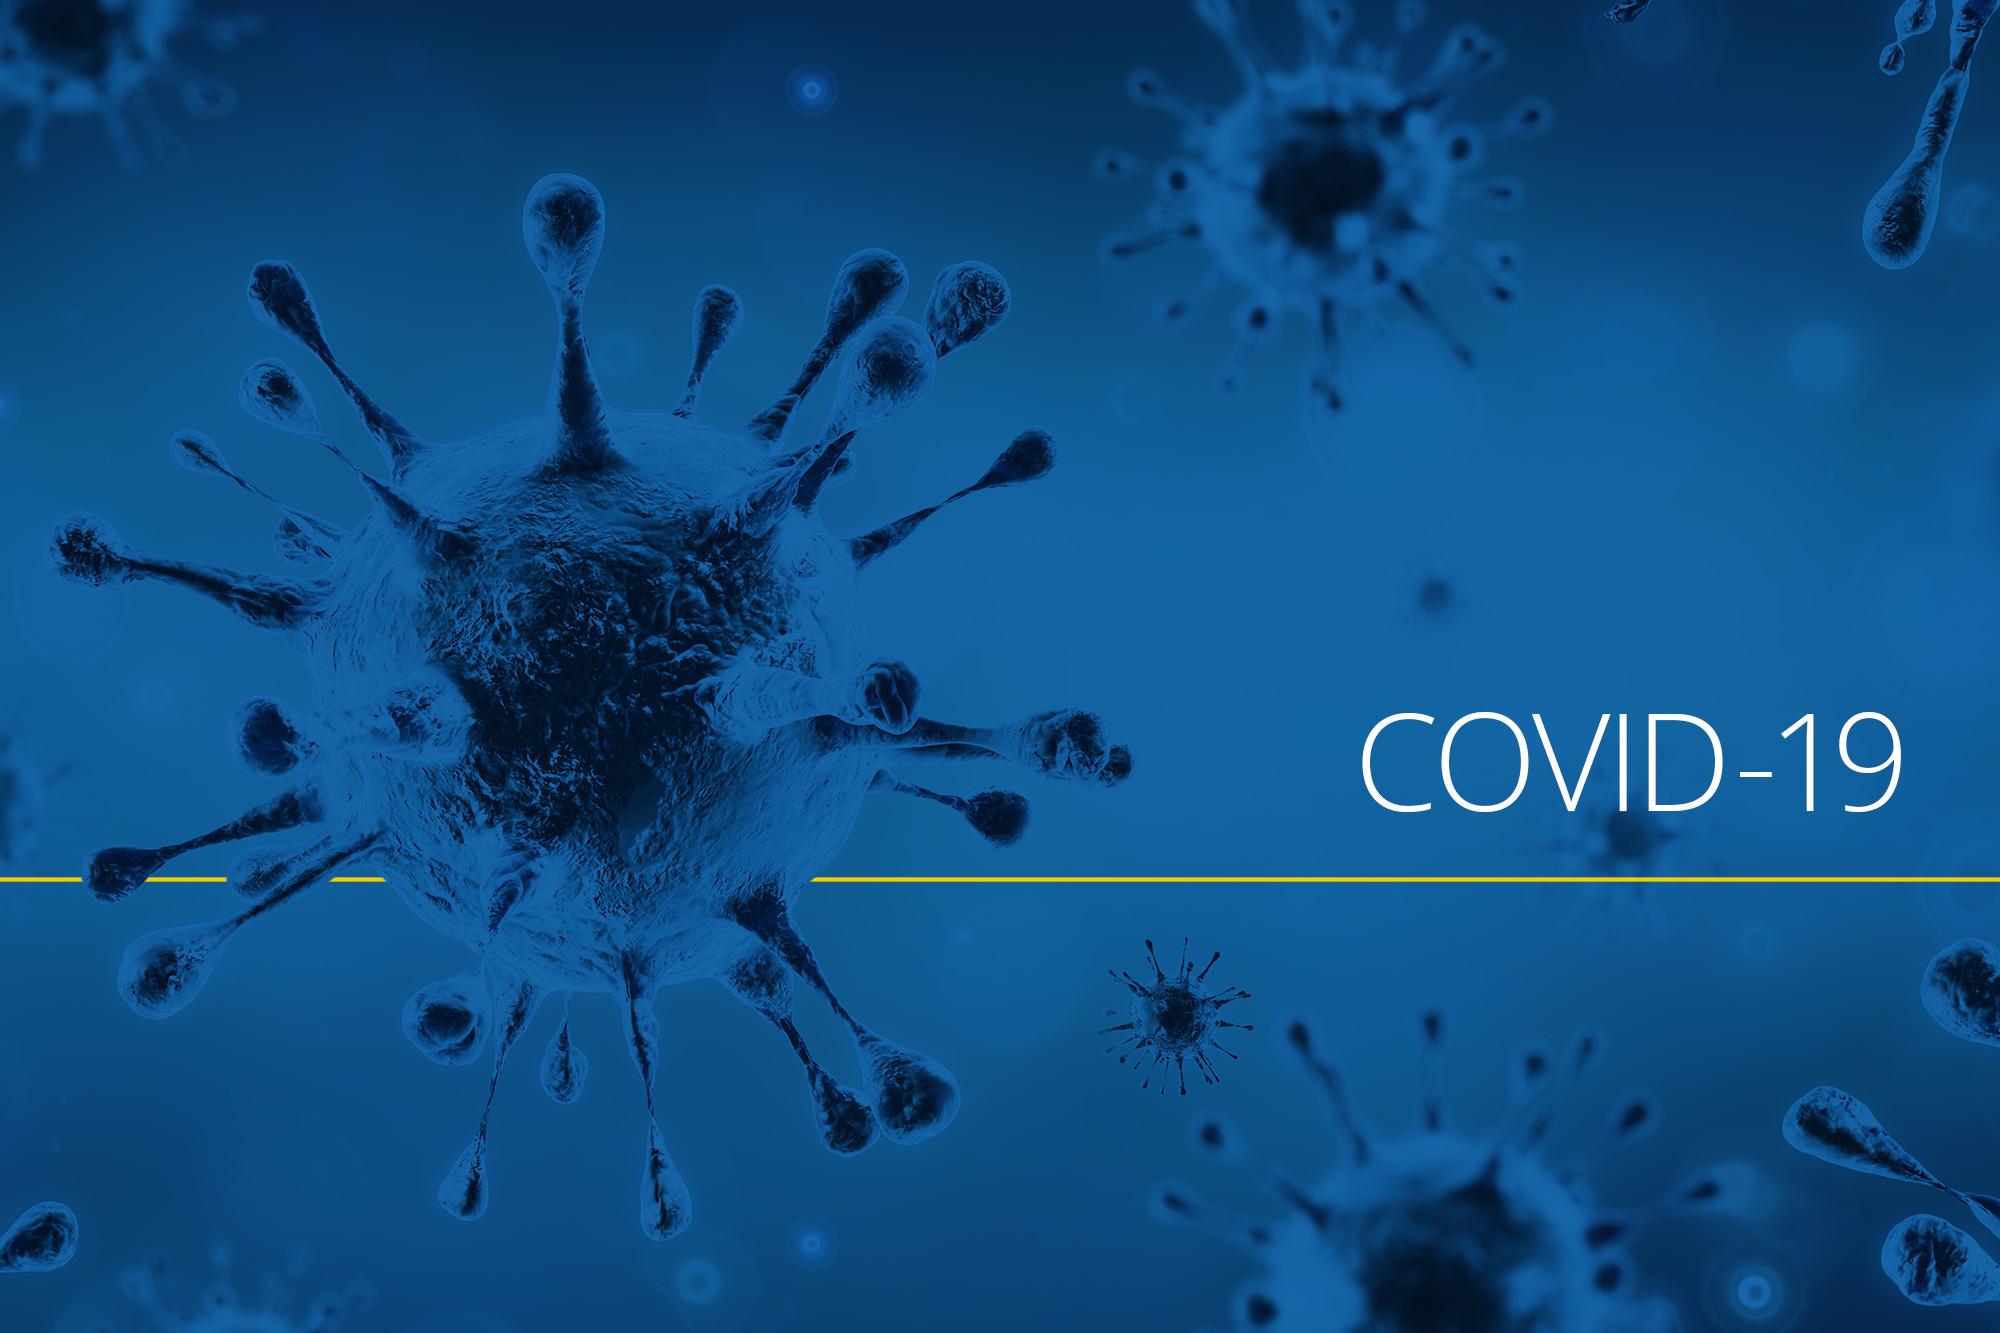 Verspätete Lieferung aufgrund von Coronavirus